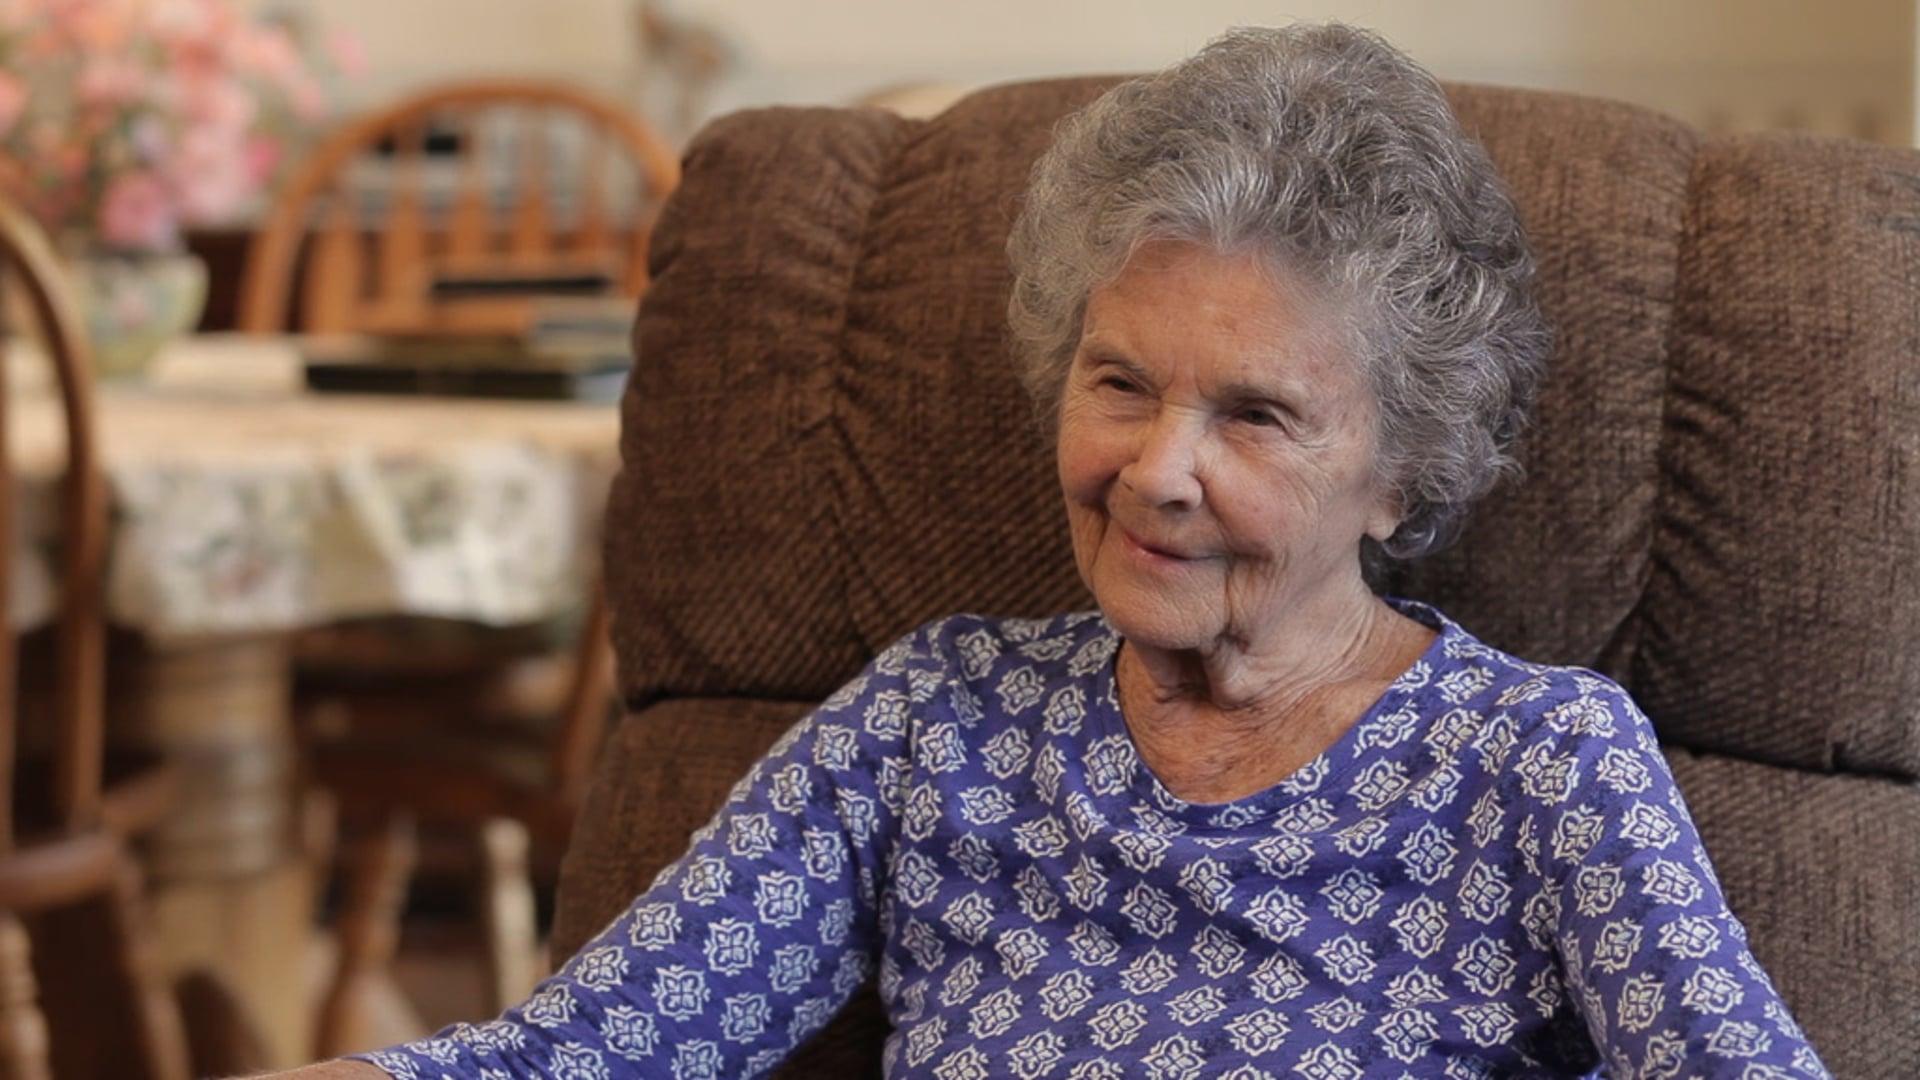 Lois Wristen's Life Story - An Excerpt